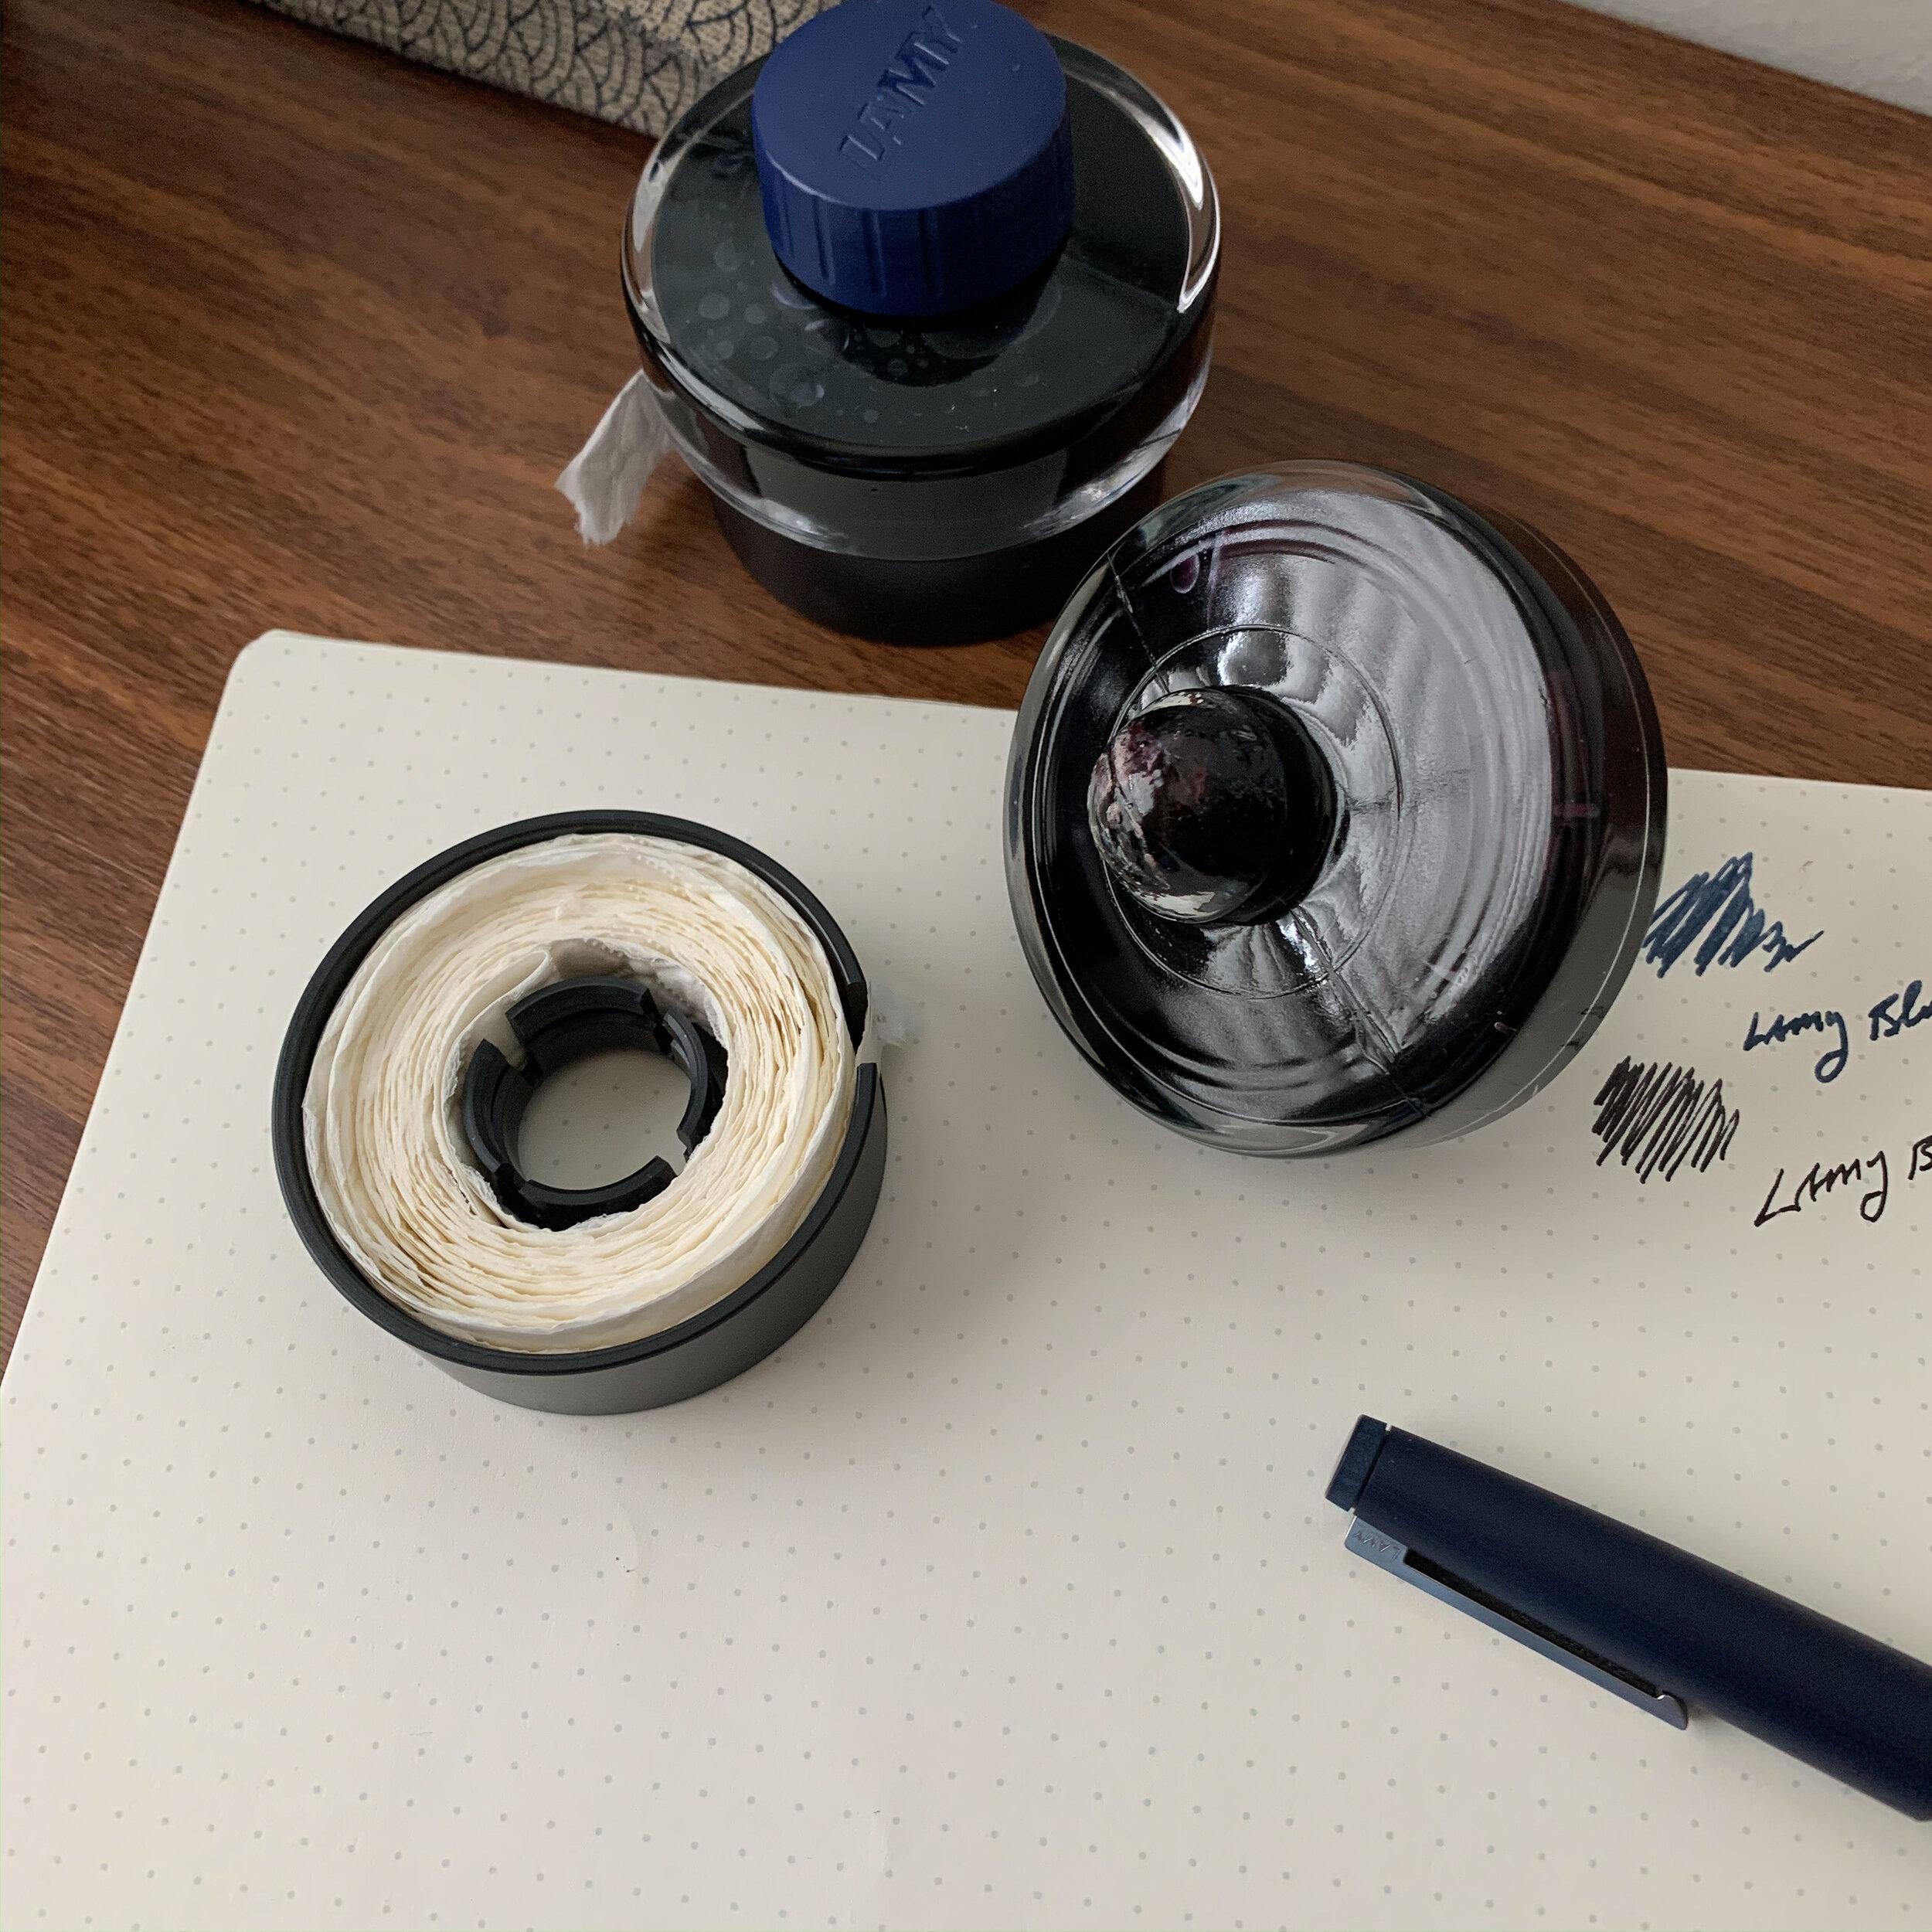 Lamy-Ink-Bottle-Blotting-Paper